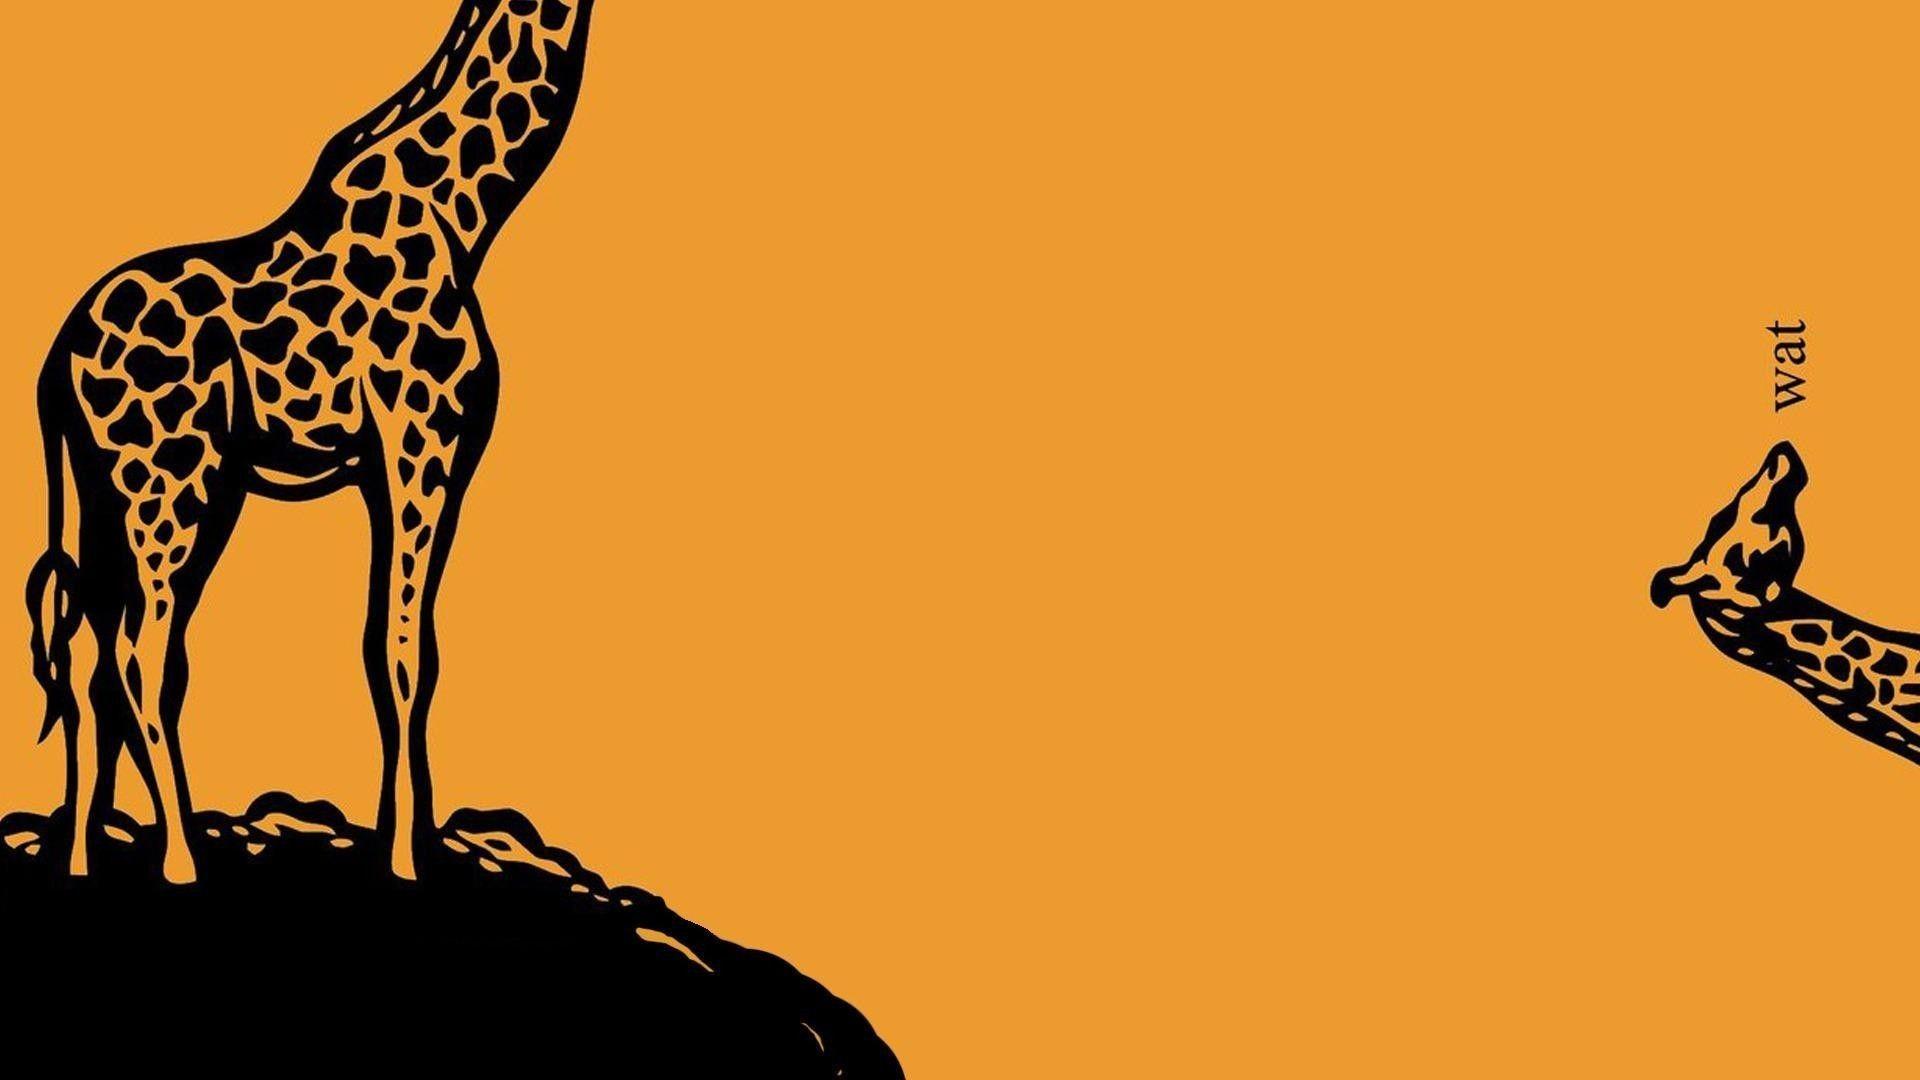 Giraffe Wallpaper Cartoon Made me laugh Pinterest Funny 1920x1080